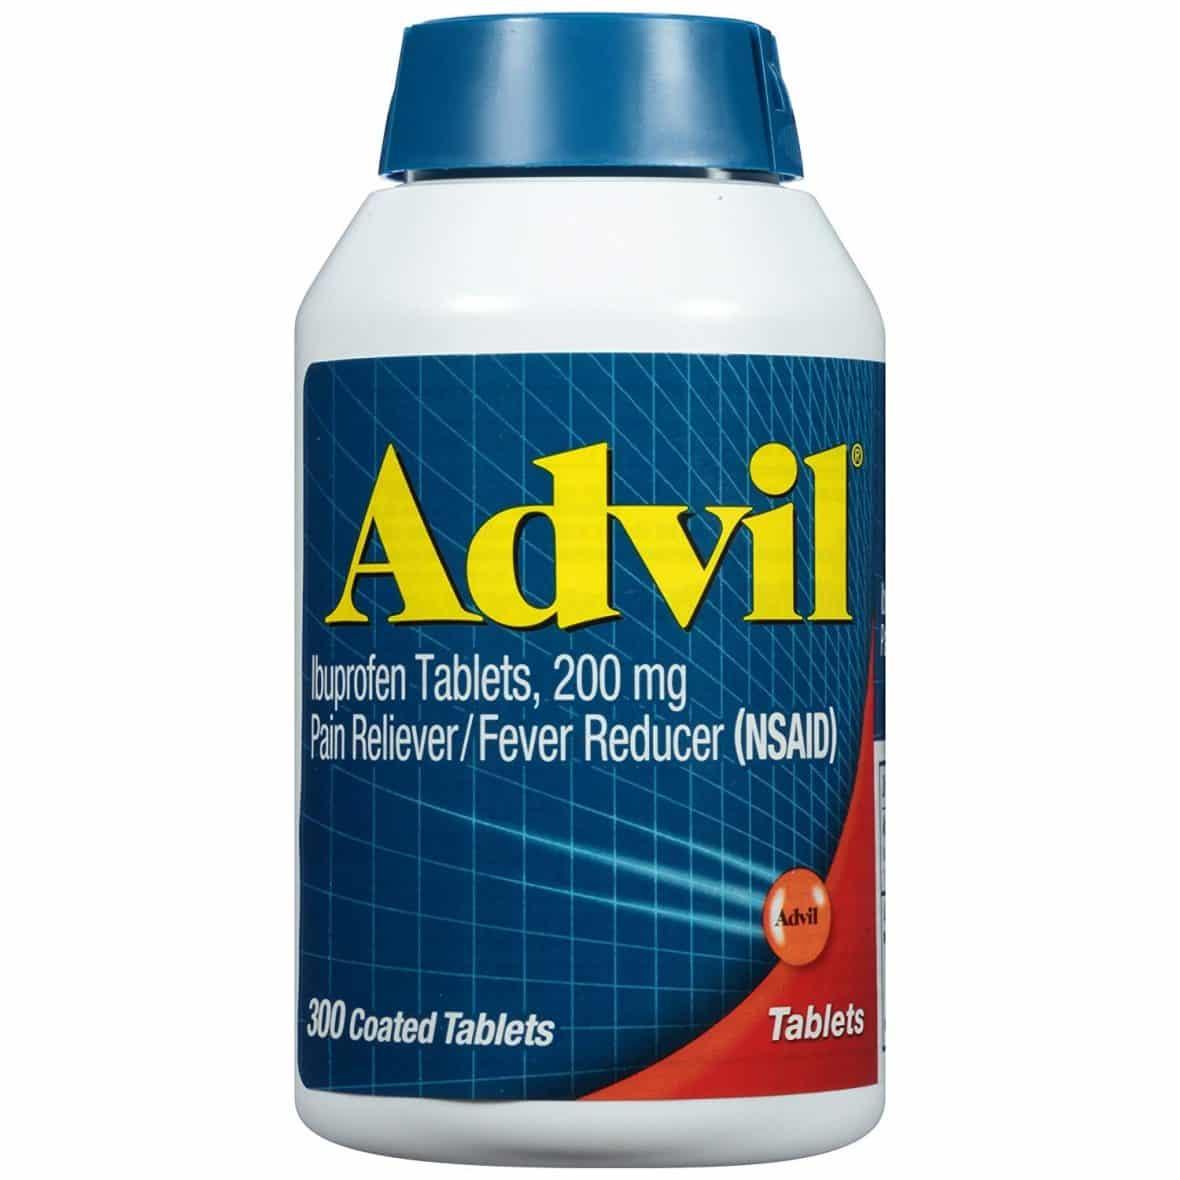 Big Advil Bottle ONLY $12.49!